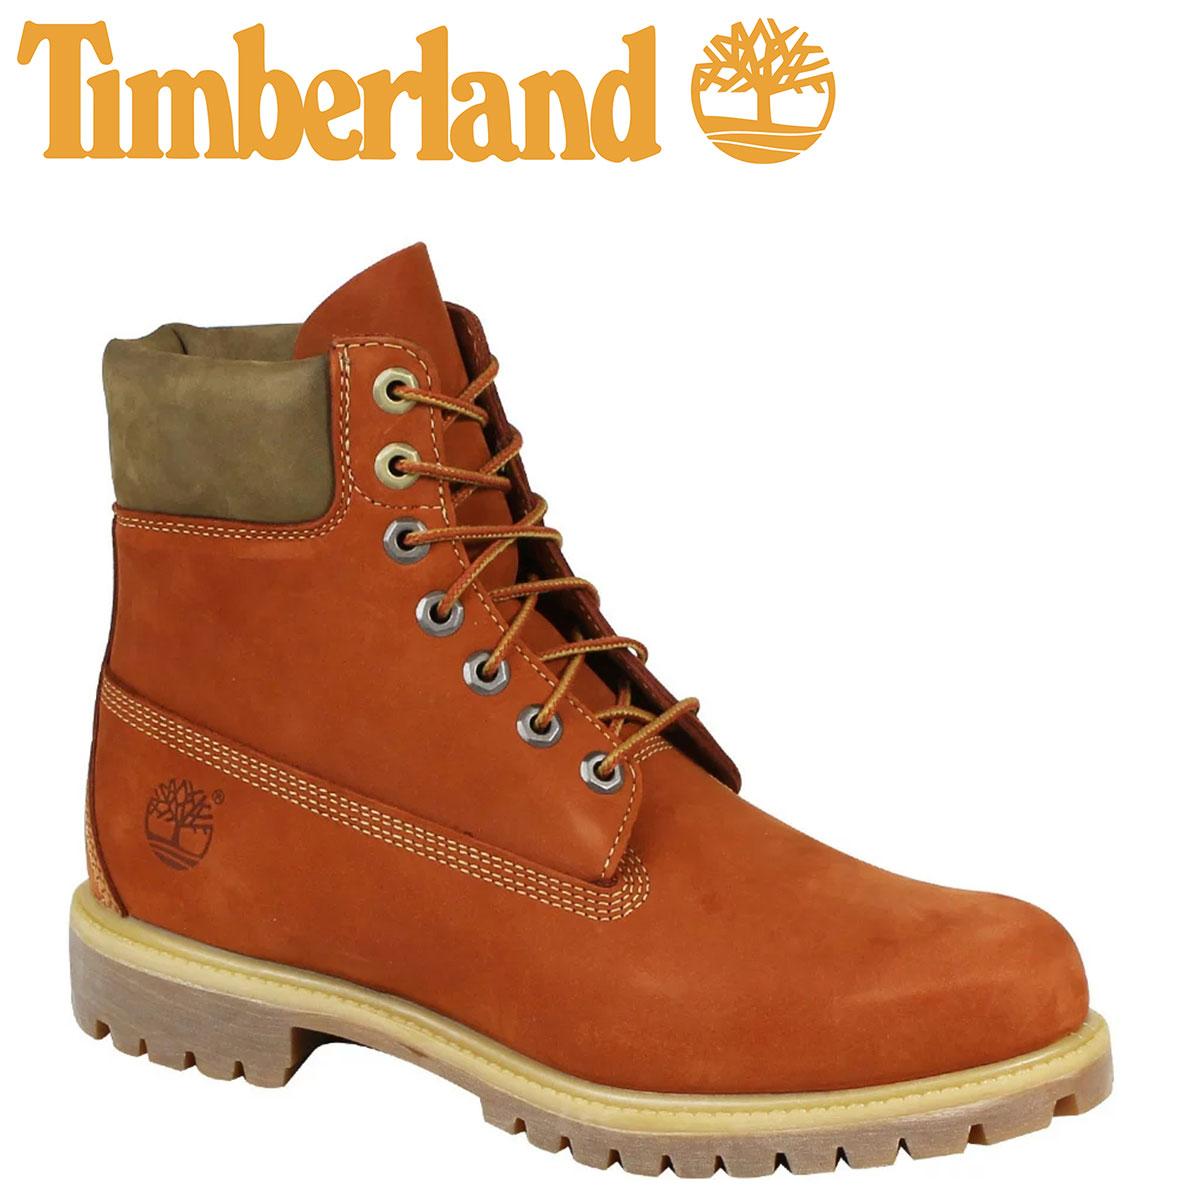 Timberland ティンバーランド 6INCHI 6インチ プレミアム ブーツ 6-INCH PREMIUM WATERPROOF BOOTS A17YC Wワイズ 防水 オレンジ メンズ